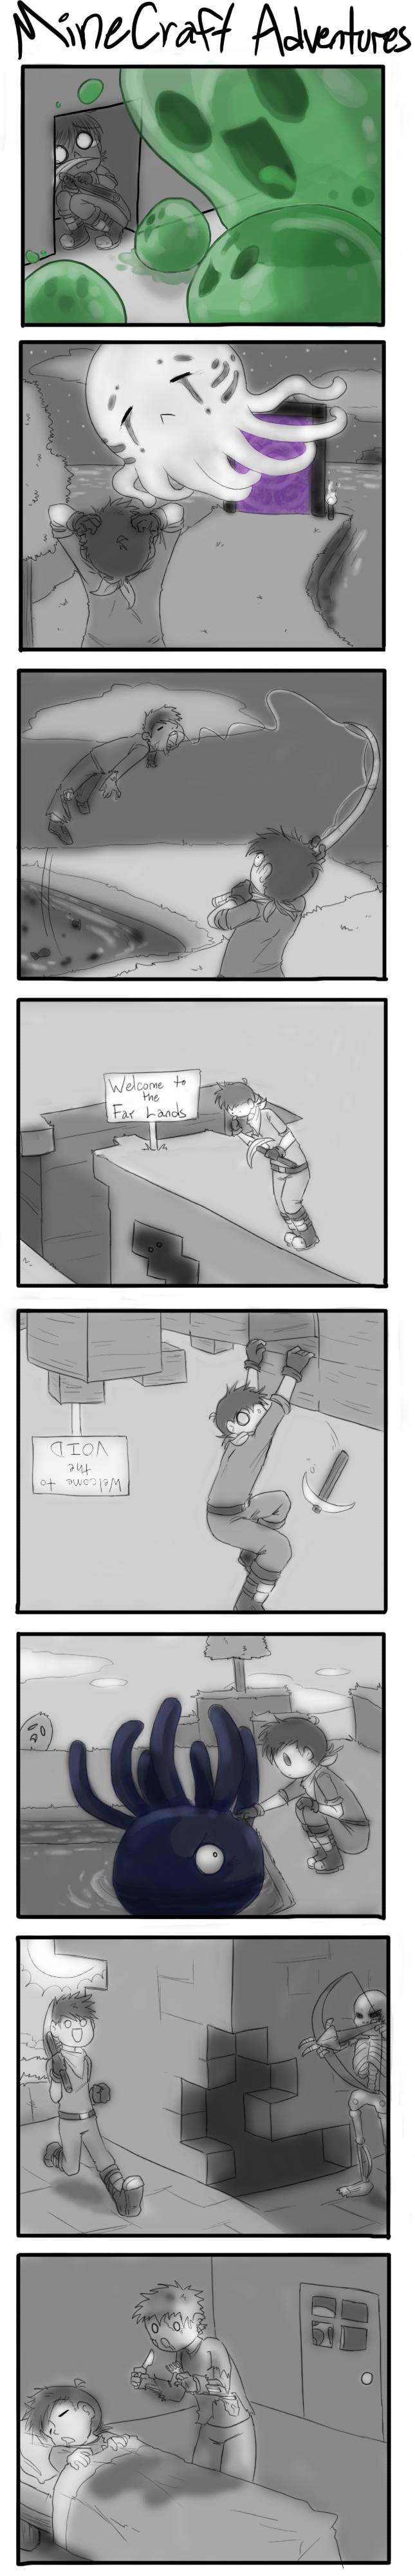 Minecraft Adventures by TehArtMonkey